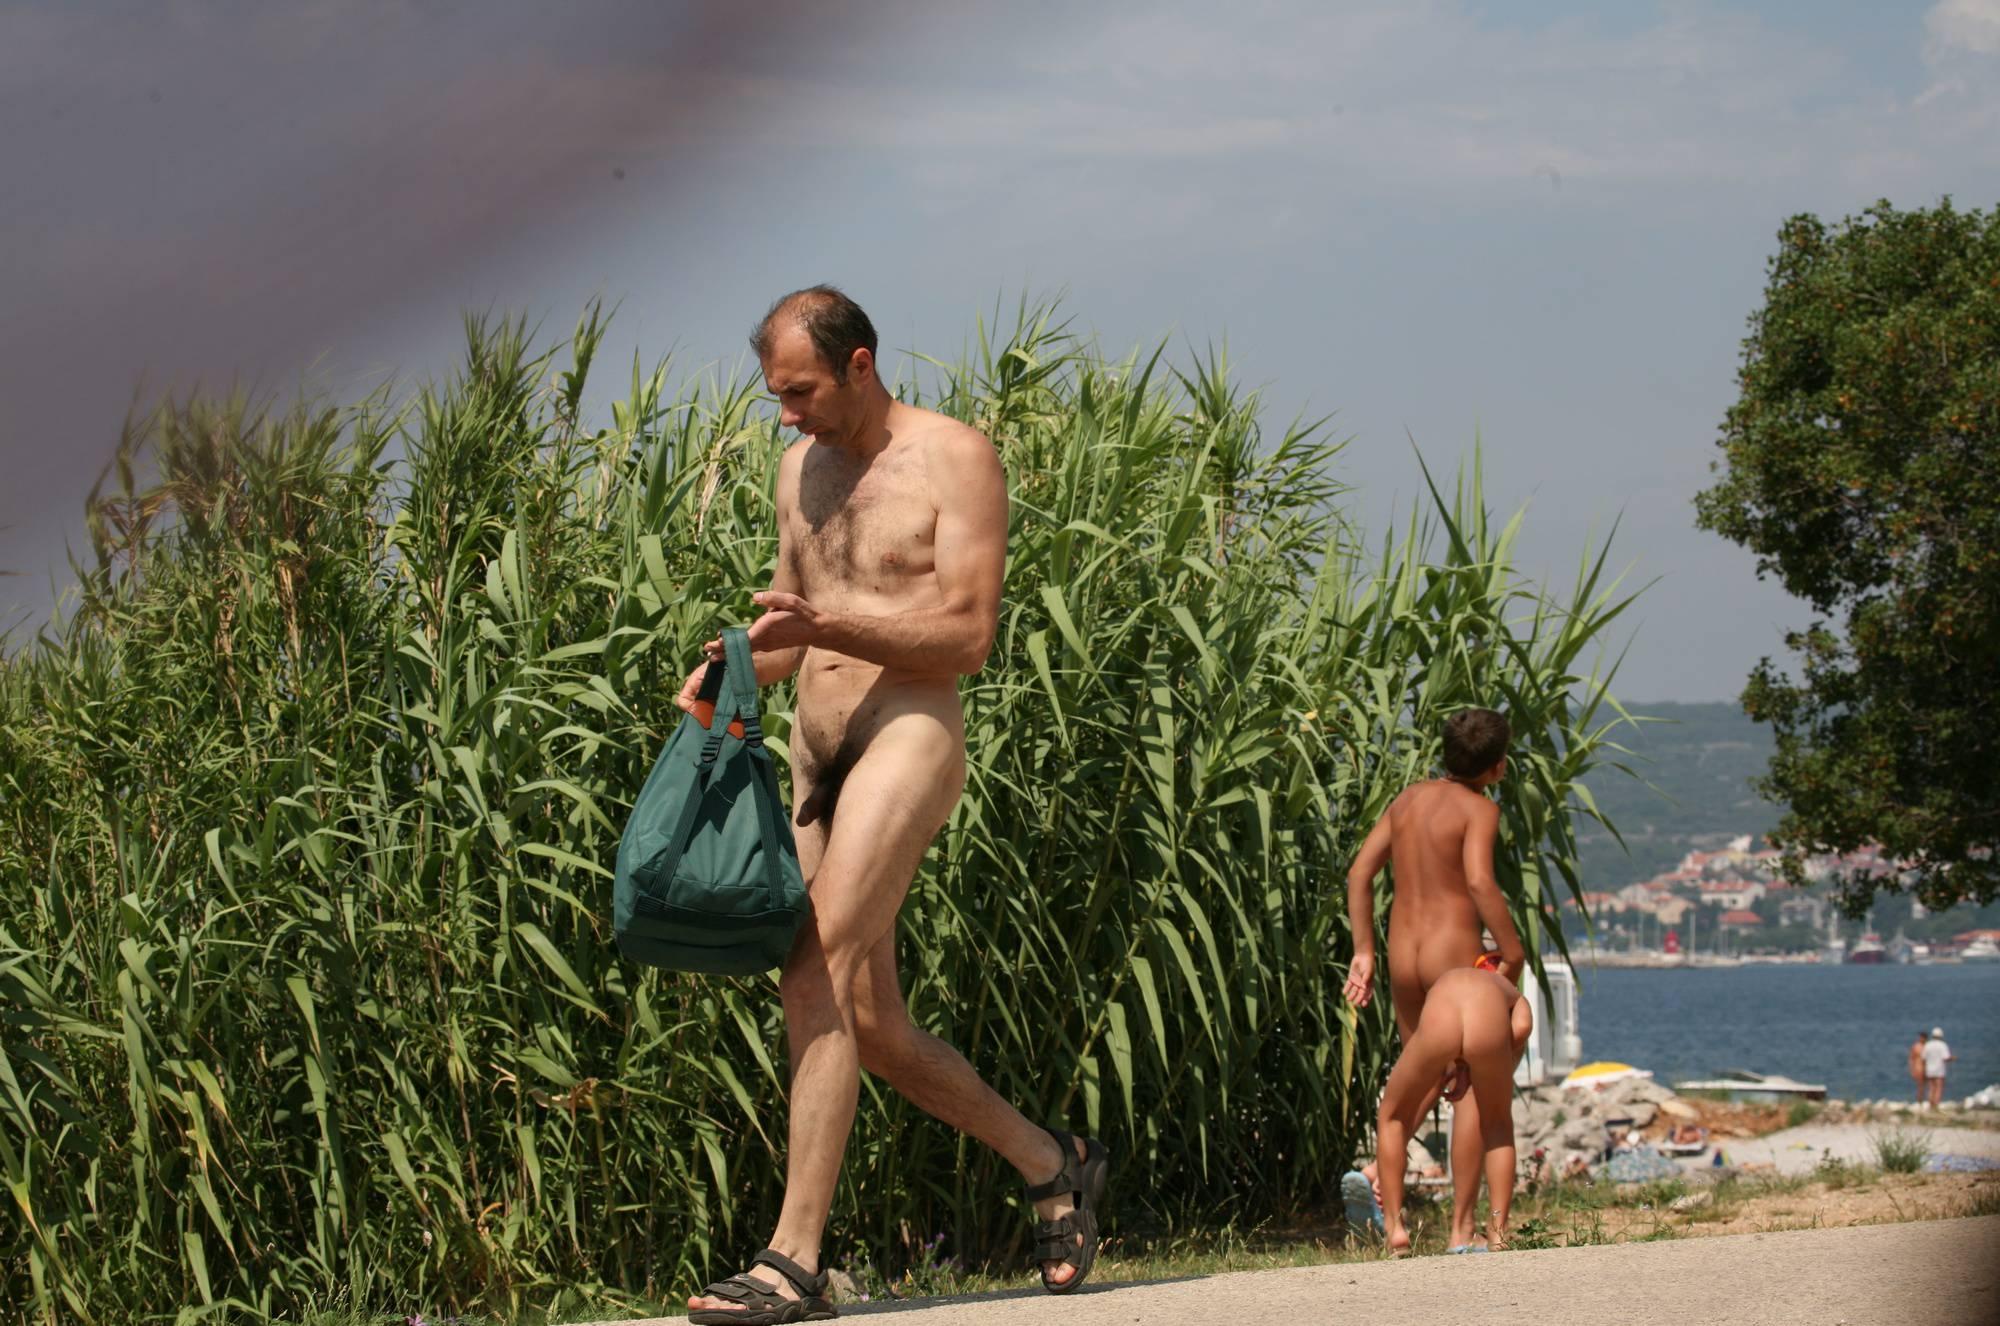 Nudist Photos Bondi Beach-Park Pass By - 2